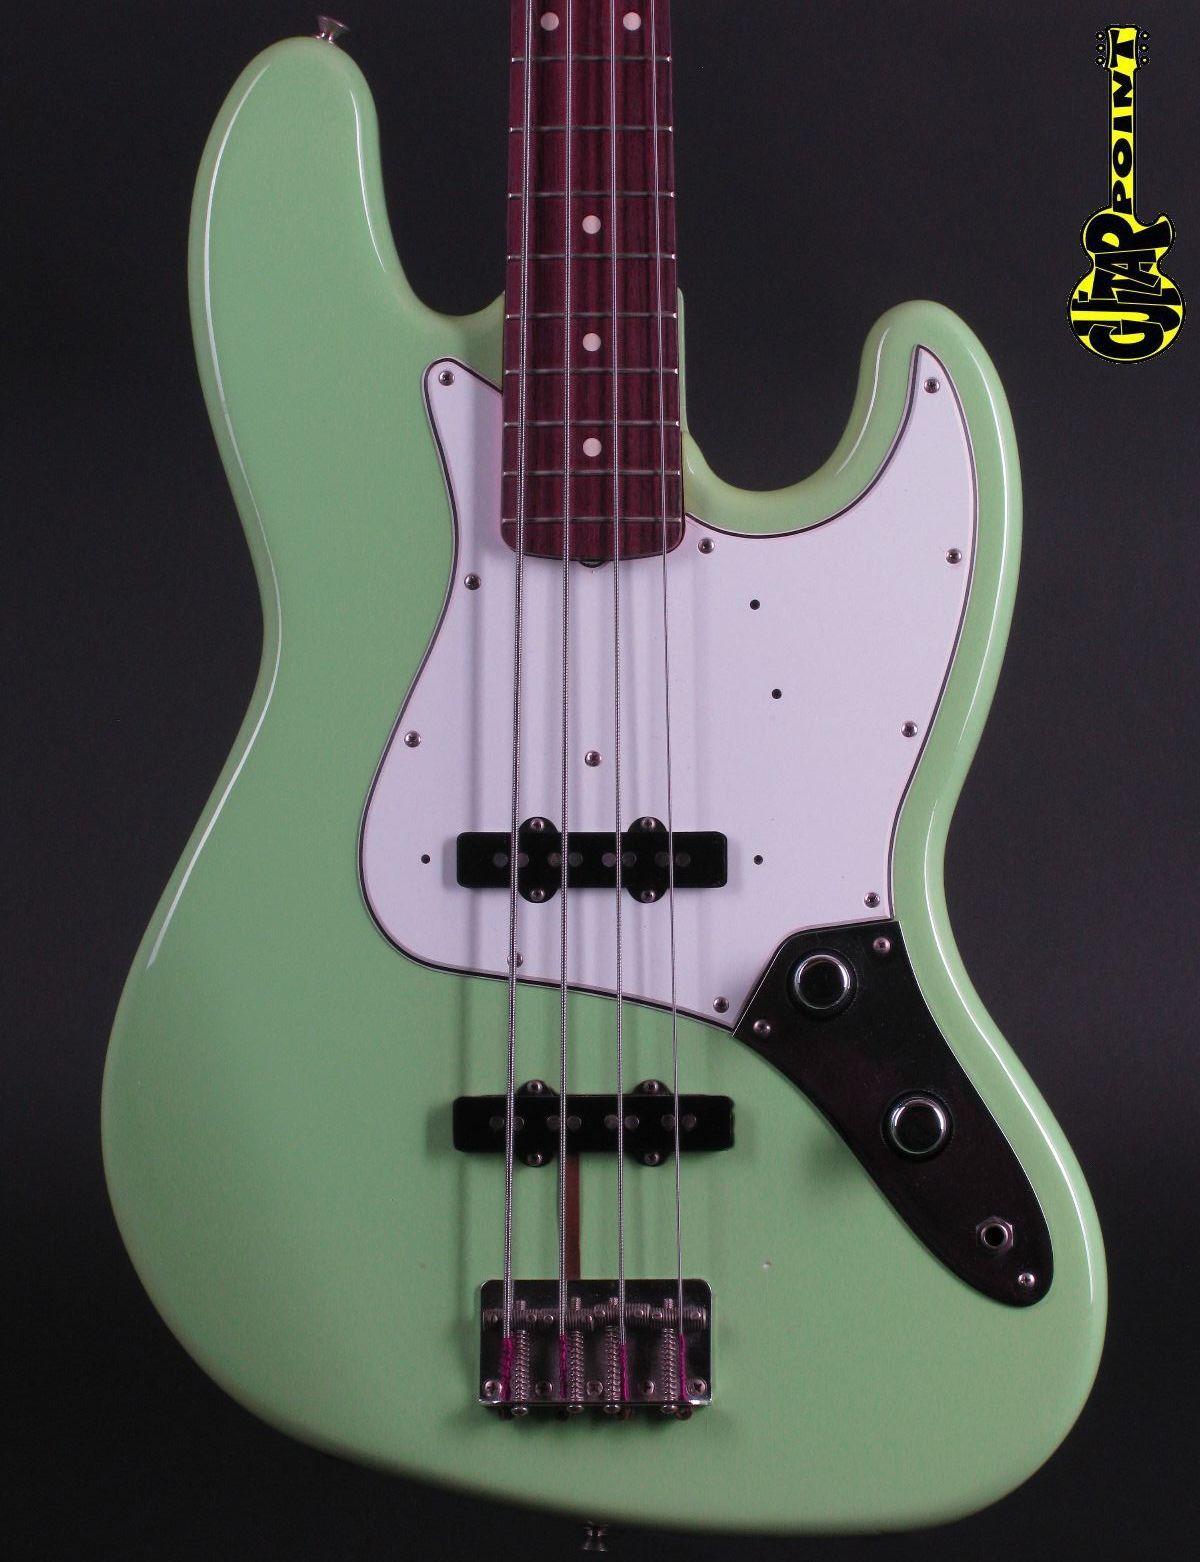 1986 Fender ´62 Jazz Bass - Seafoam Green (Vintage Reissue)